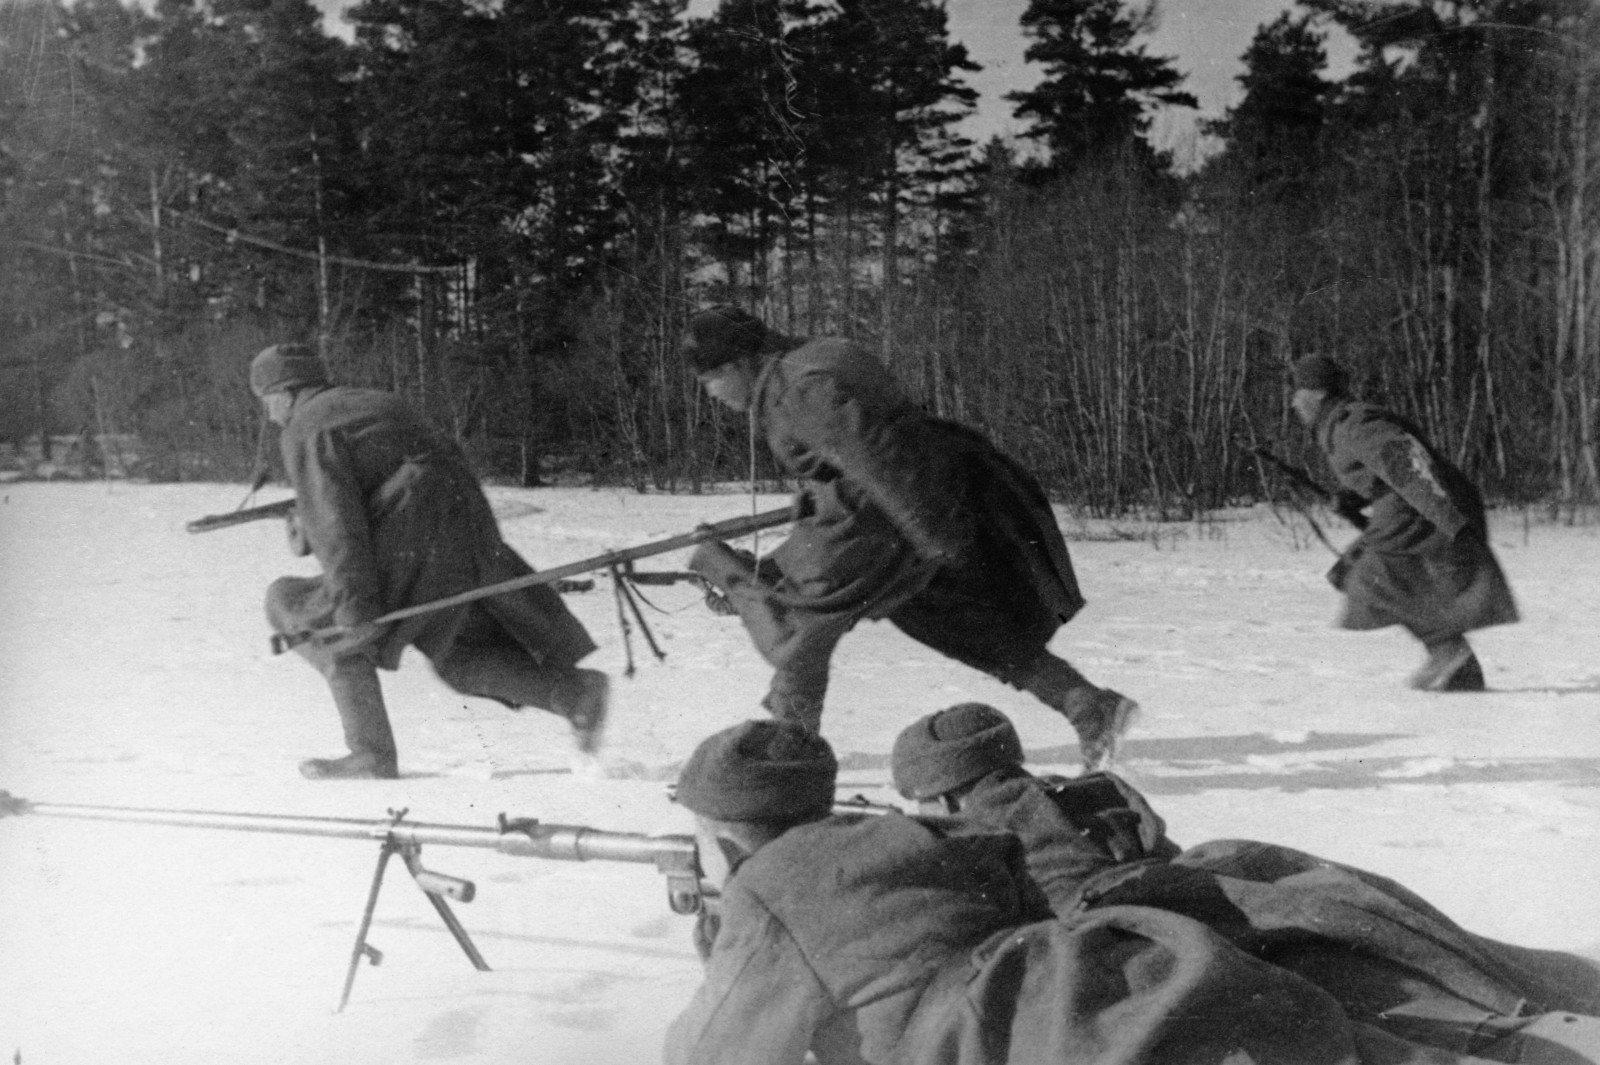 Lietuviai Rytų fronte 1944 m. | Vida Press nuotr.